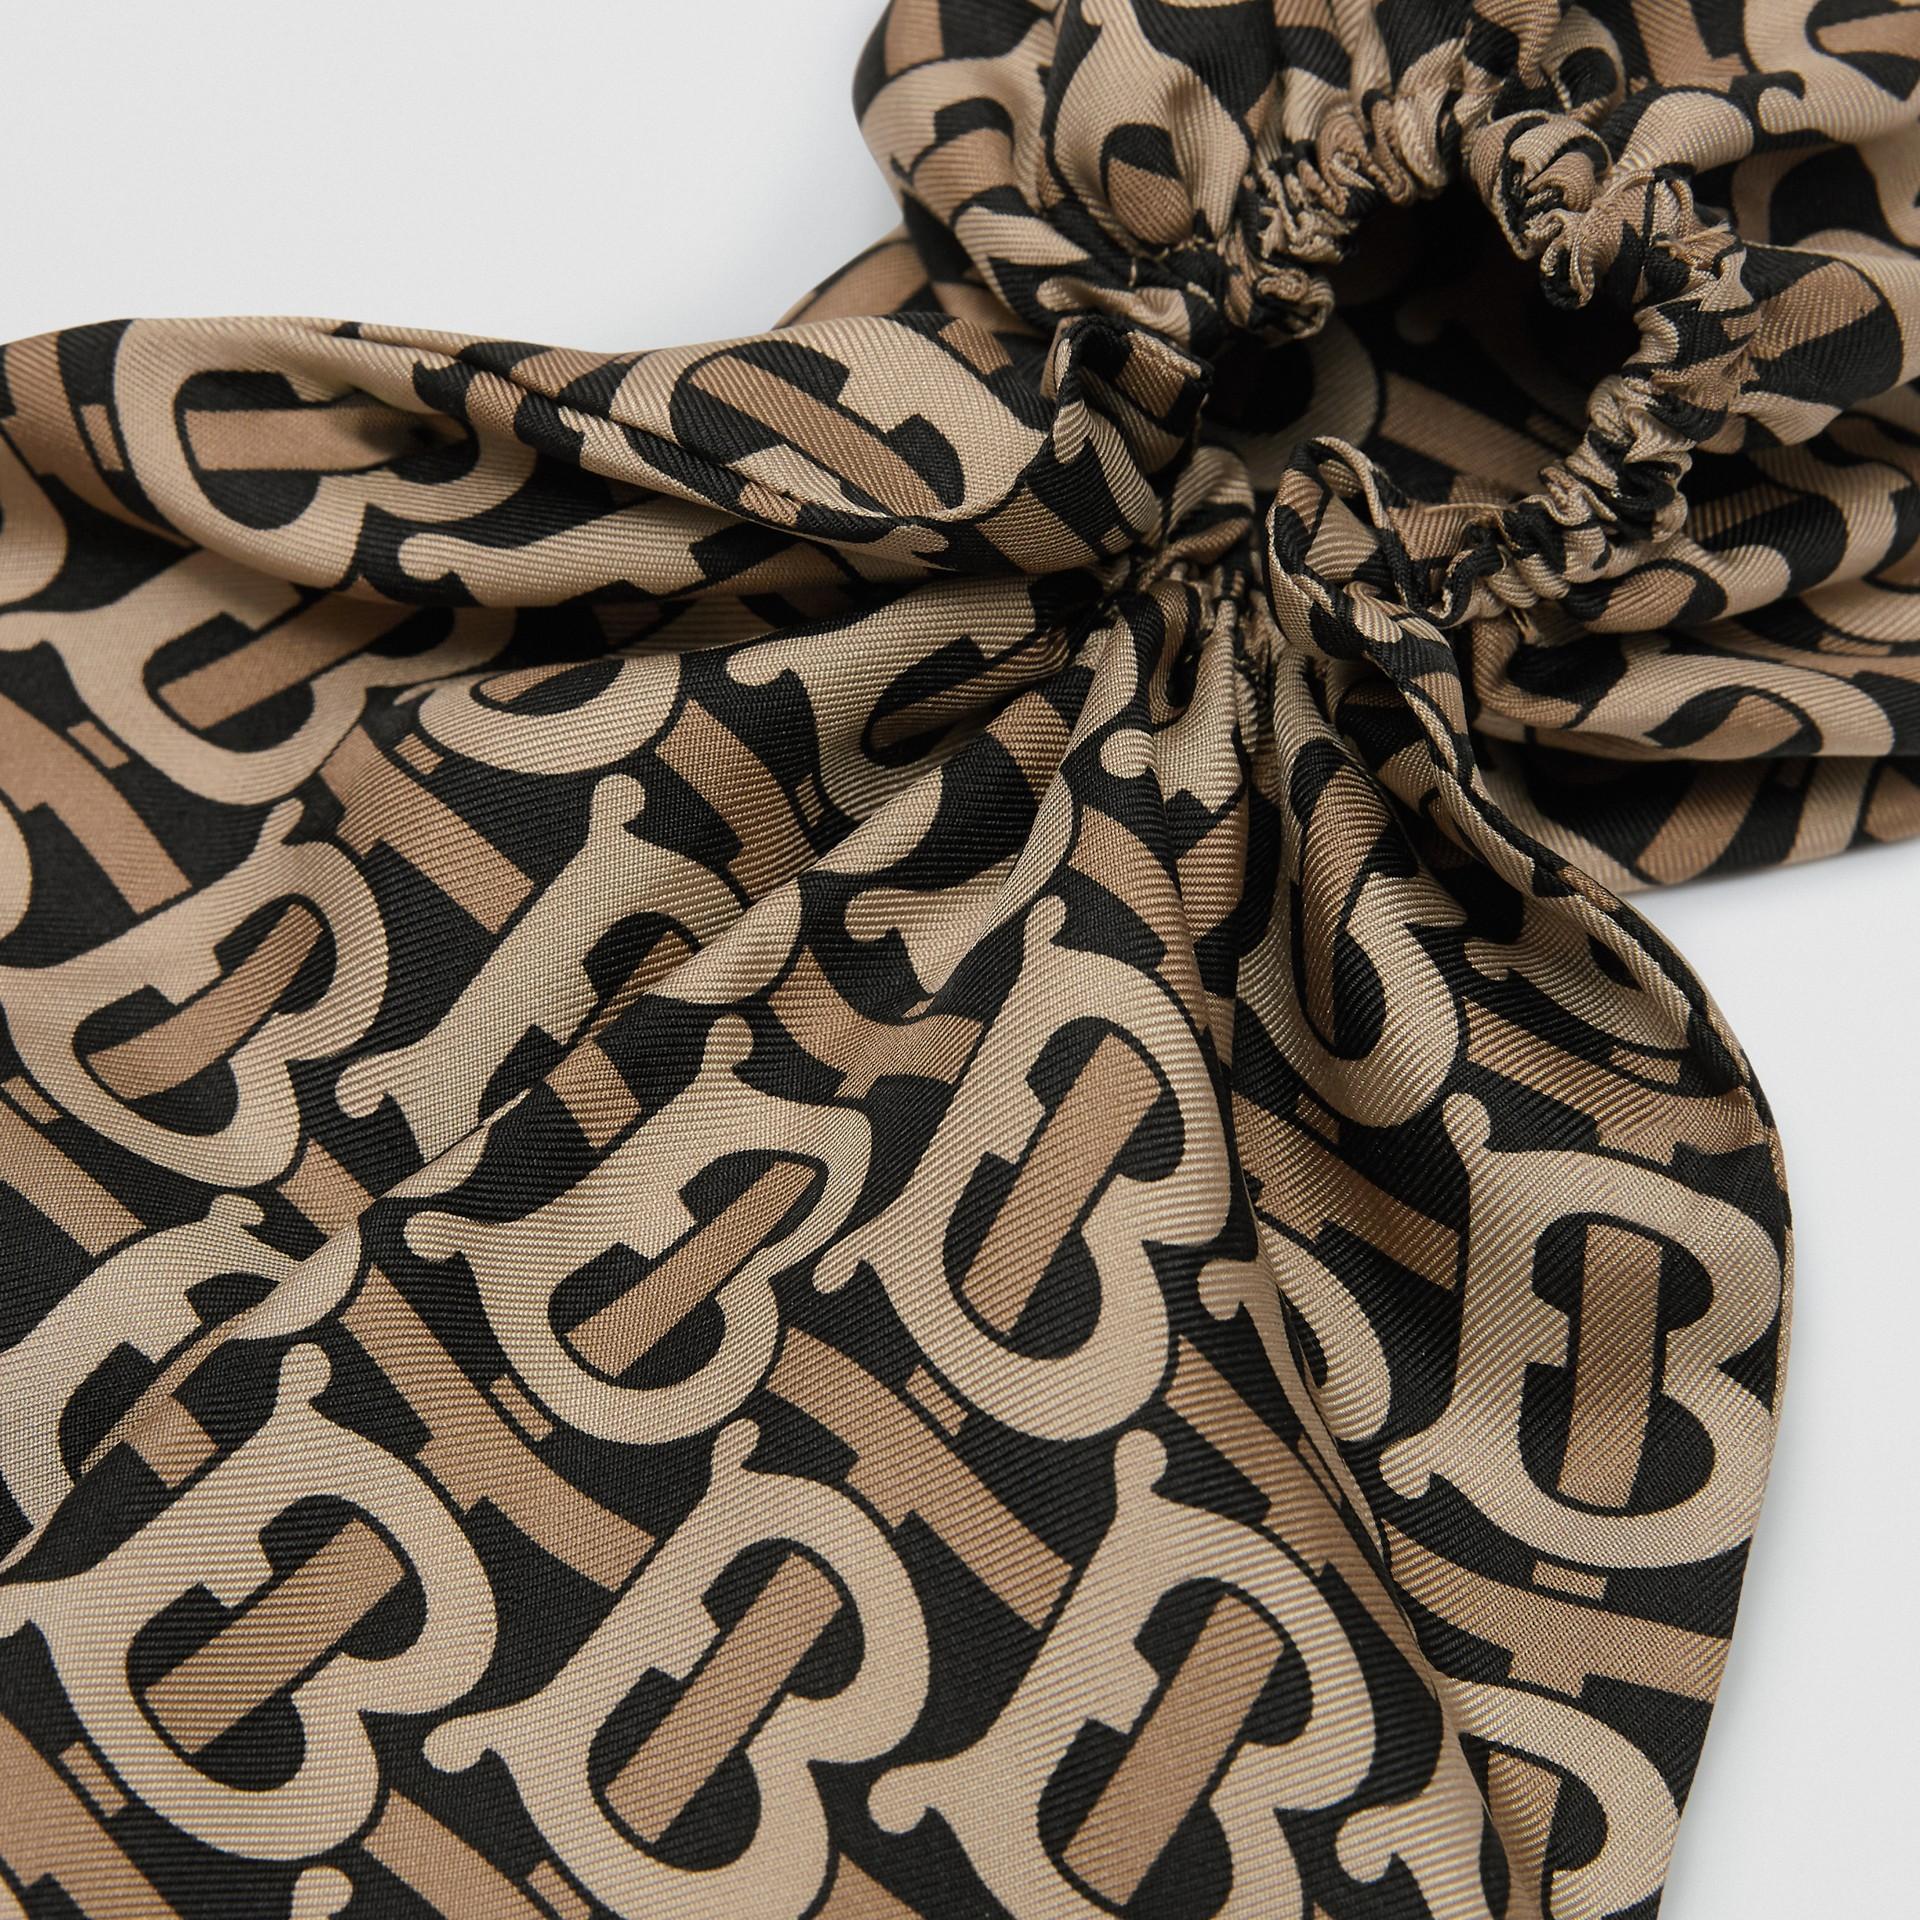 Foulard pour cheveux en soie Monogram (Noir) - Femme | Burberry Canada - photo de la galerie 1